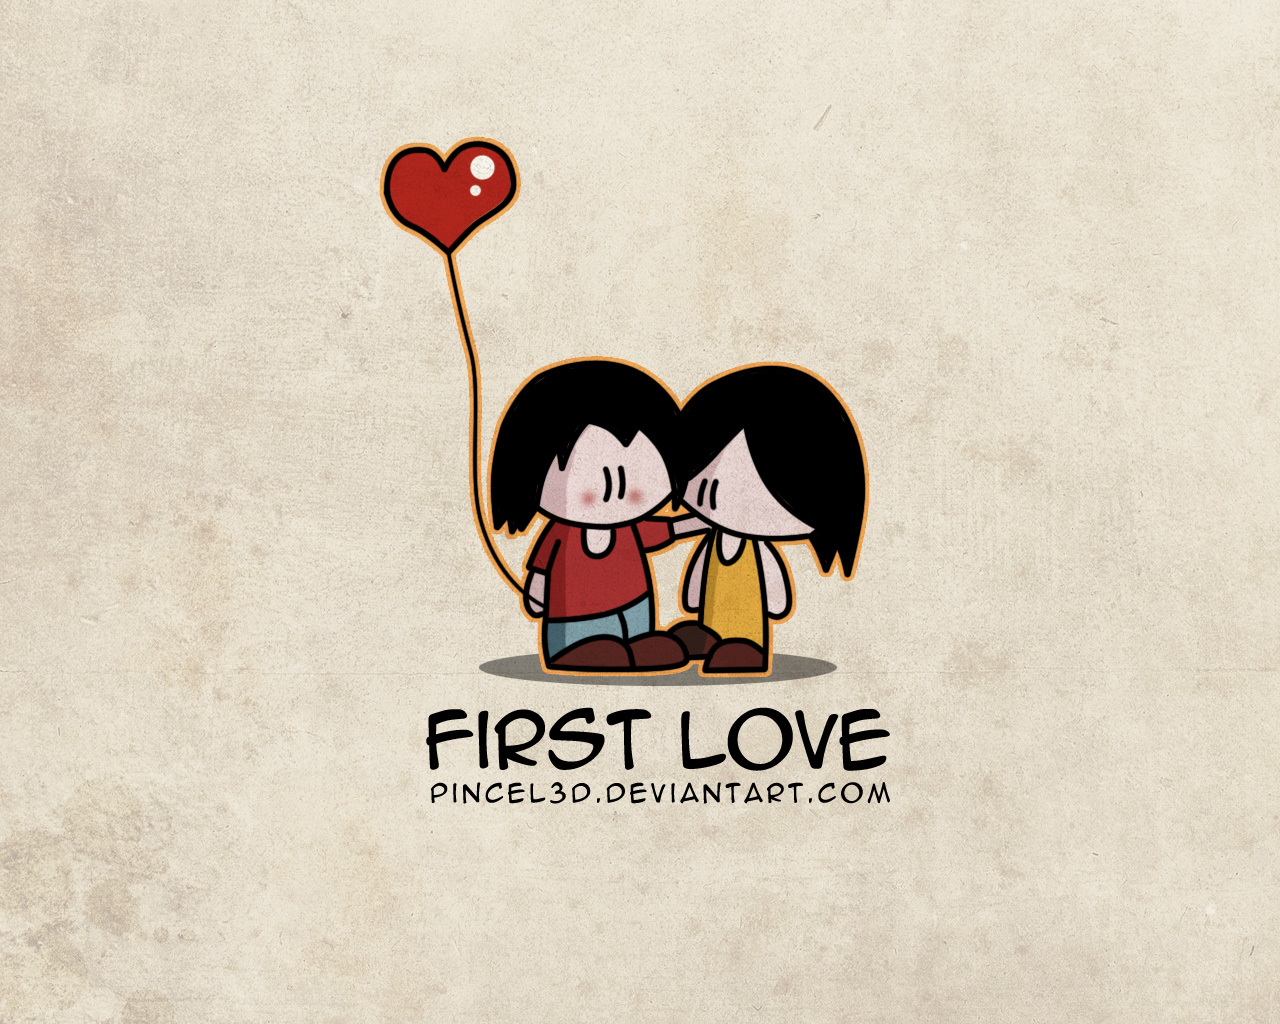 First love - Wallpaper